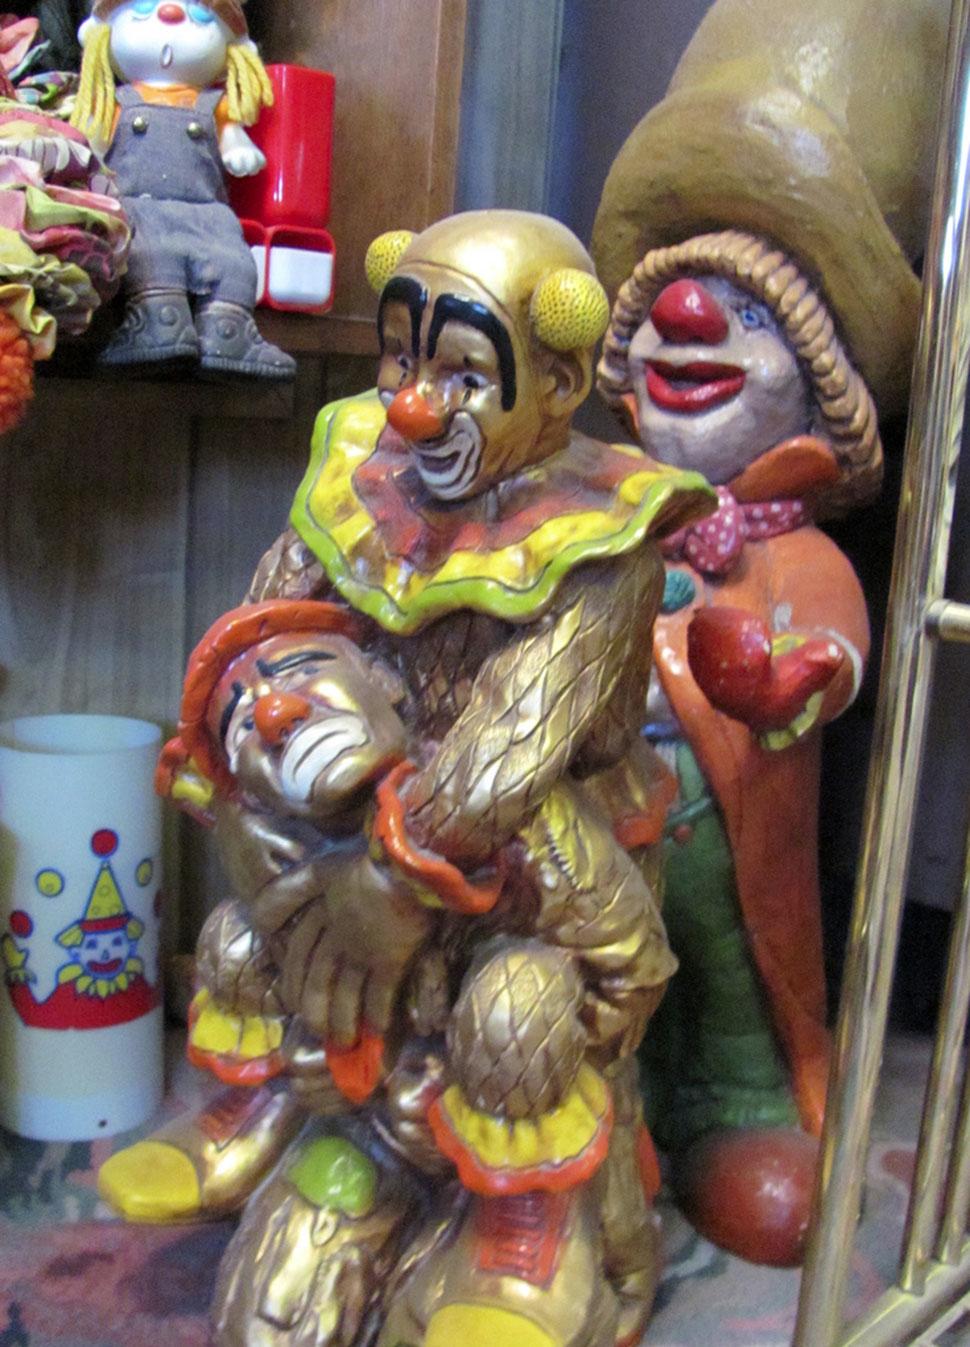 Clown Motel не появился сам по себе изначально как мотель. Все началось с коллекции клоунов. В 1993